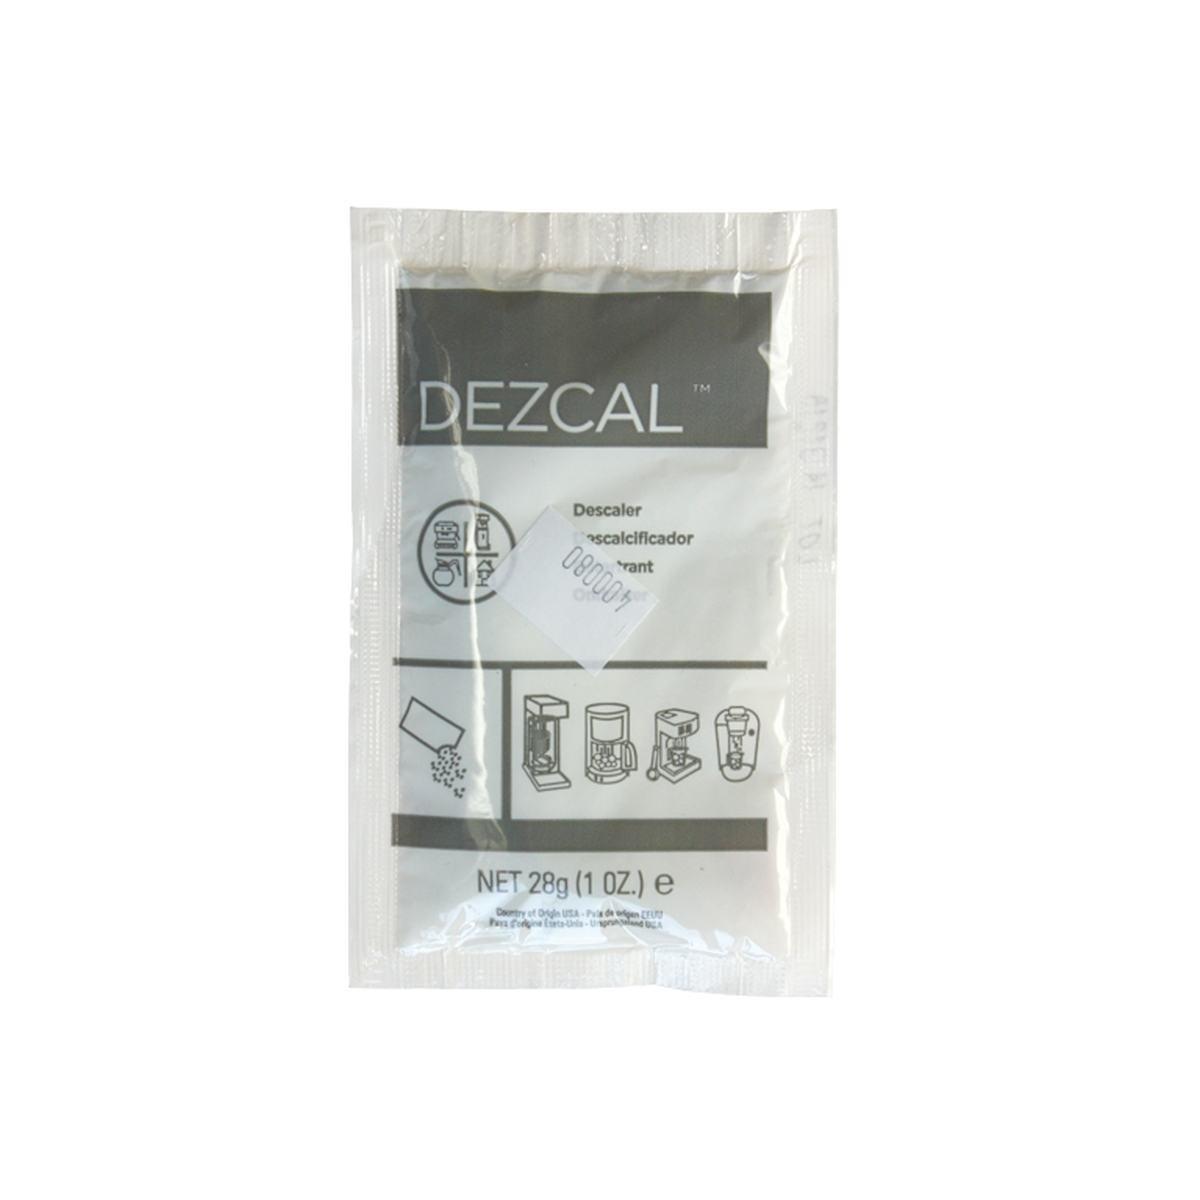 Afkalker Urnex 1 pose á 28 gram - Dezcal